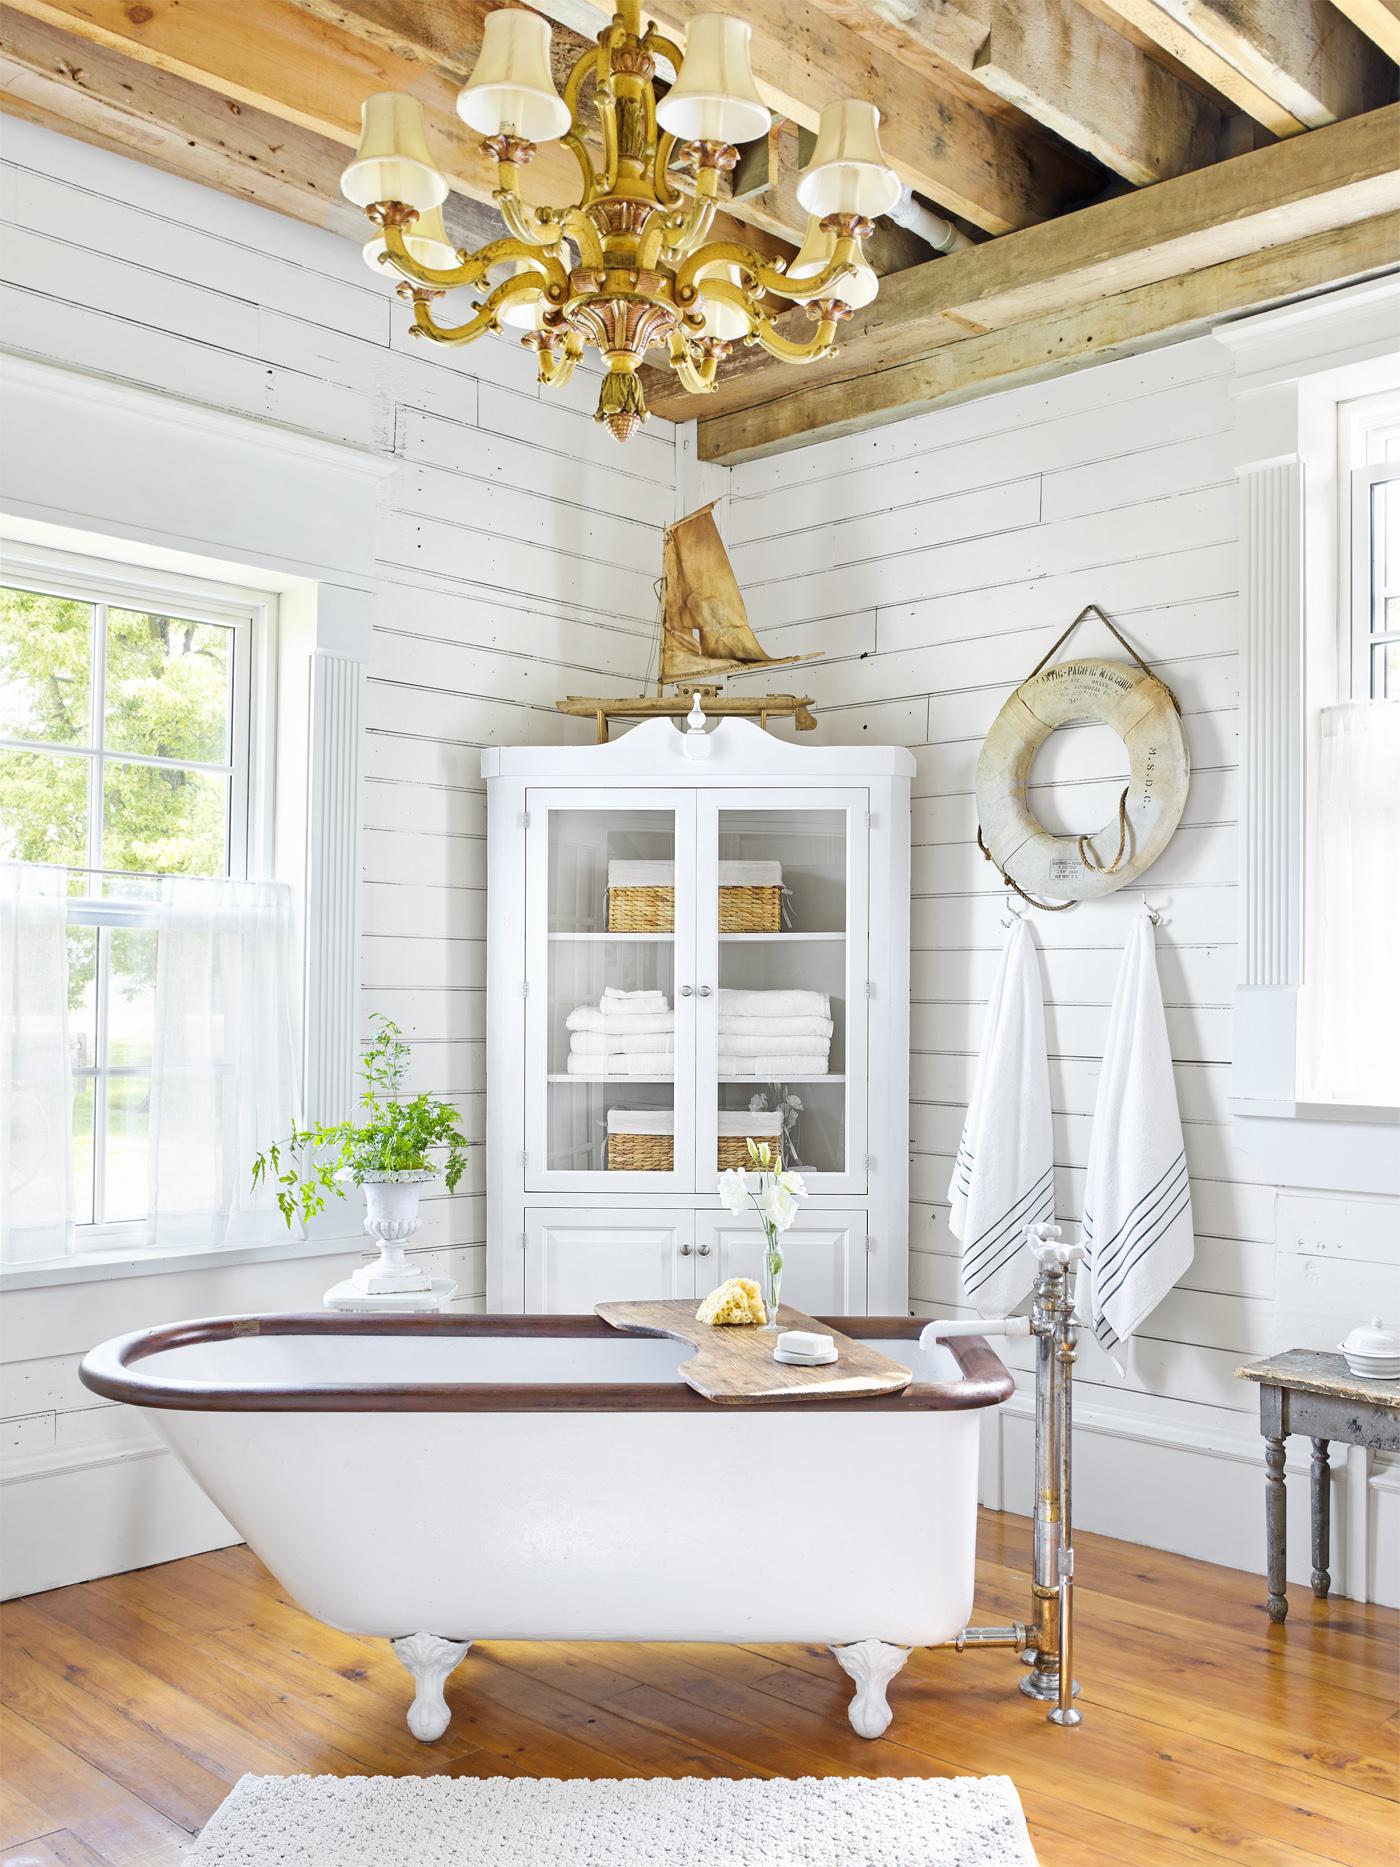 ванная комната ванна витрина окна дерево